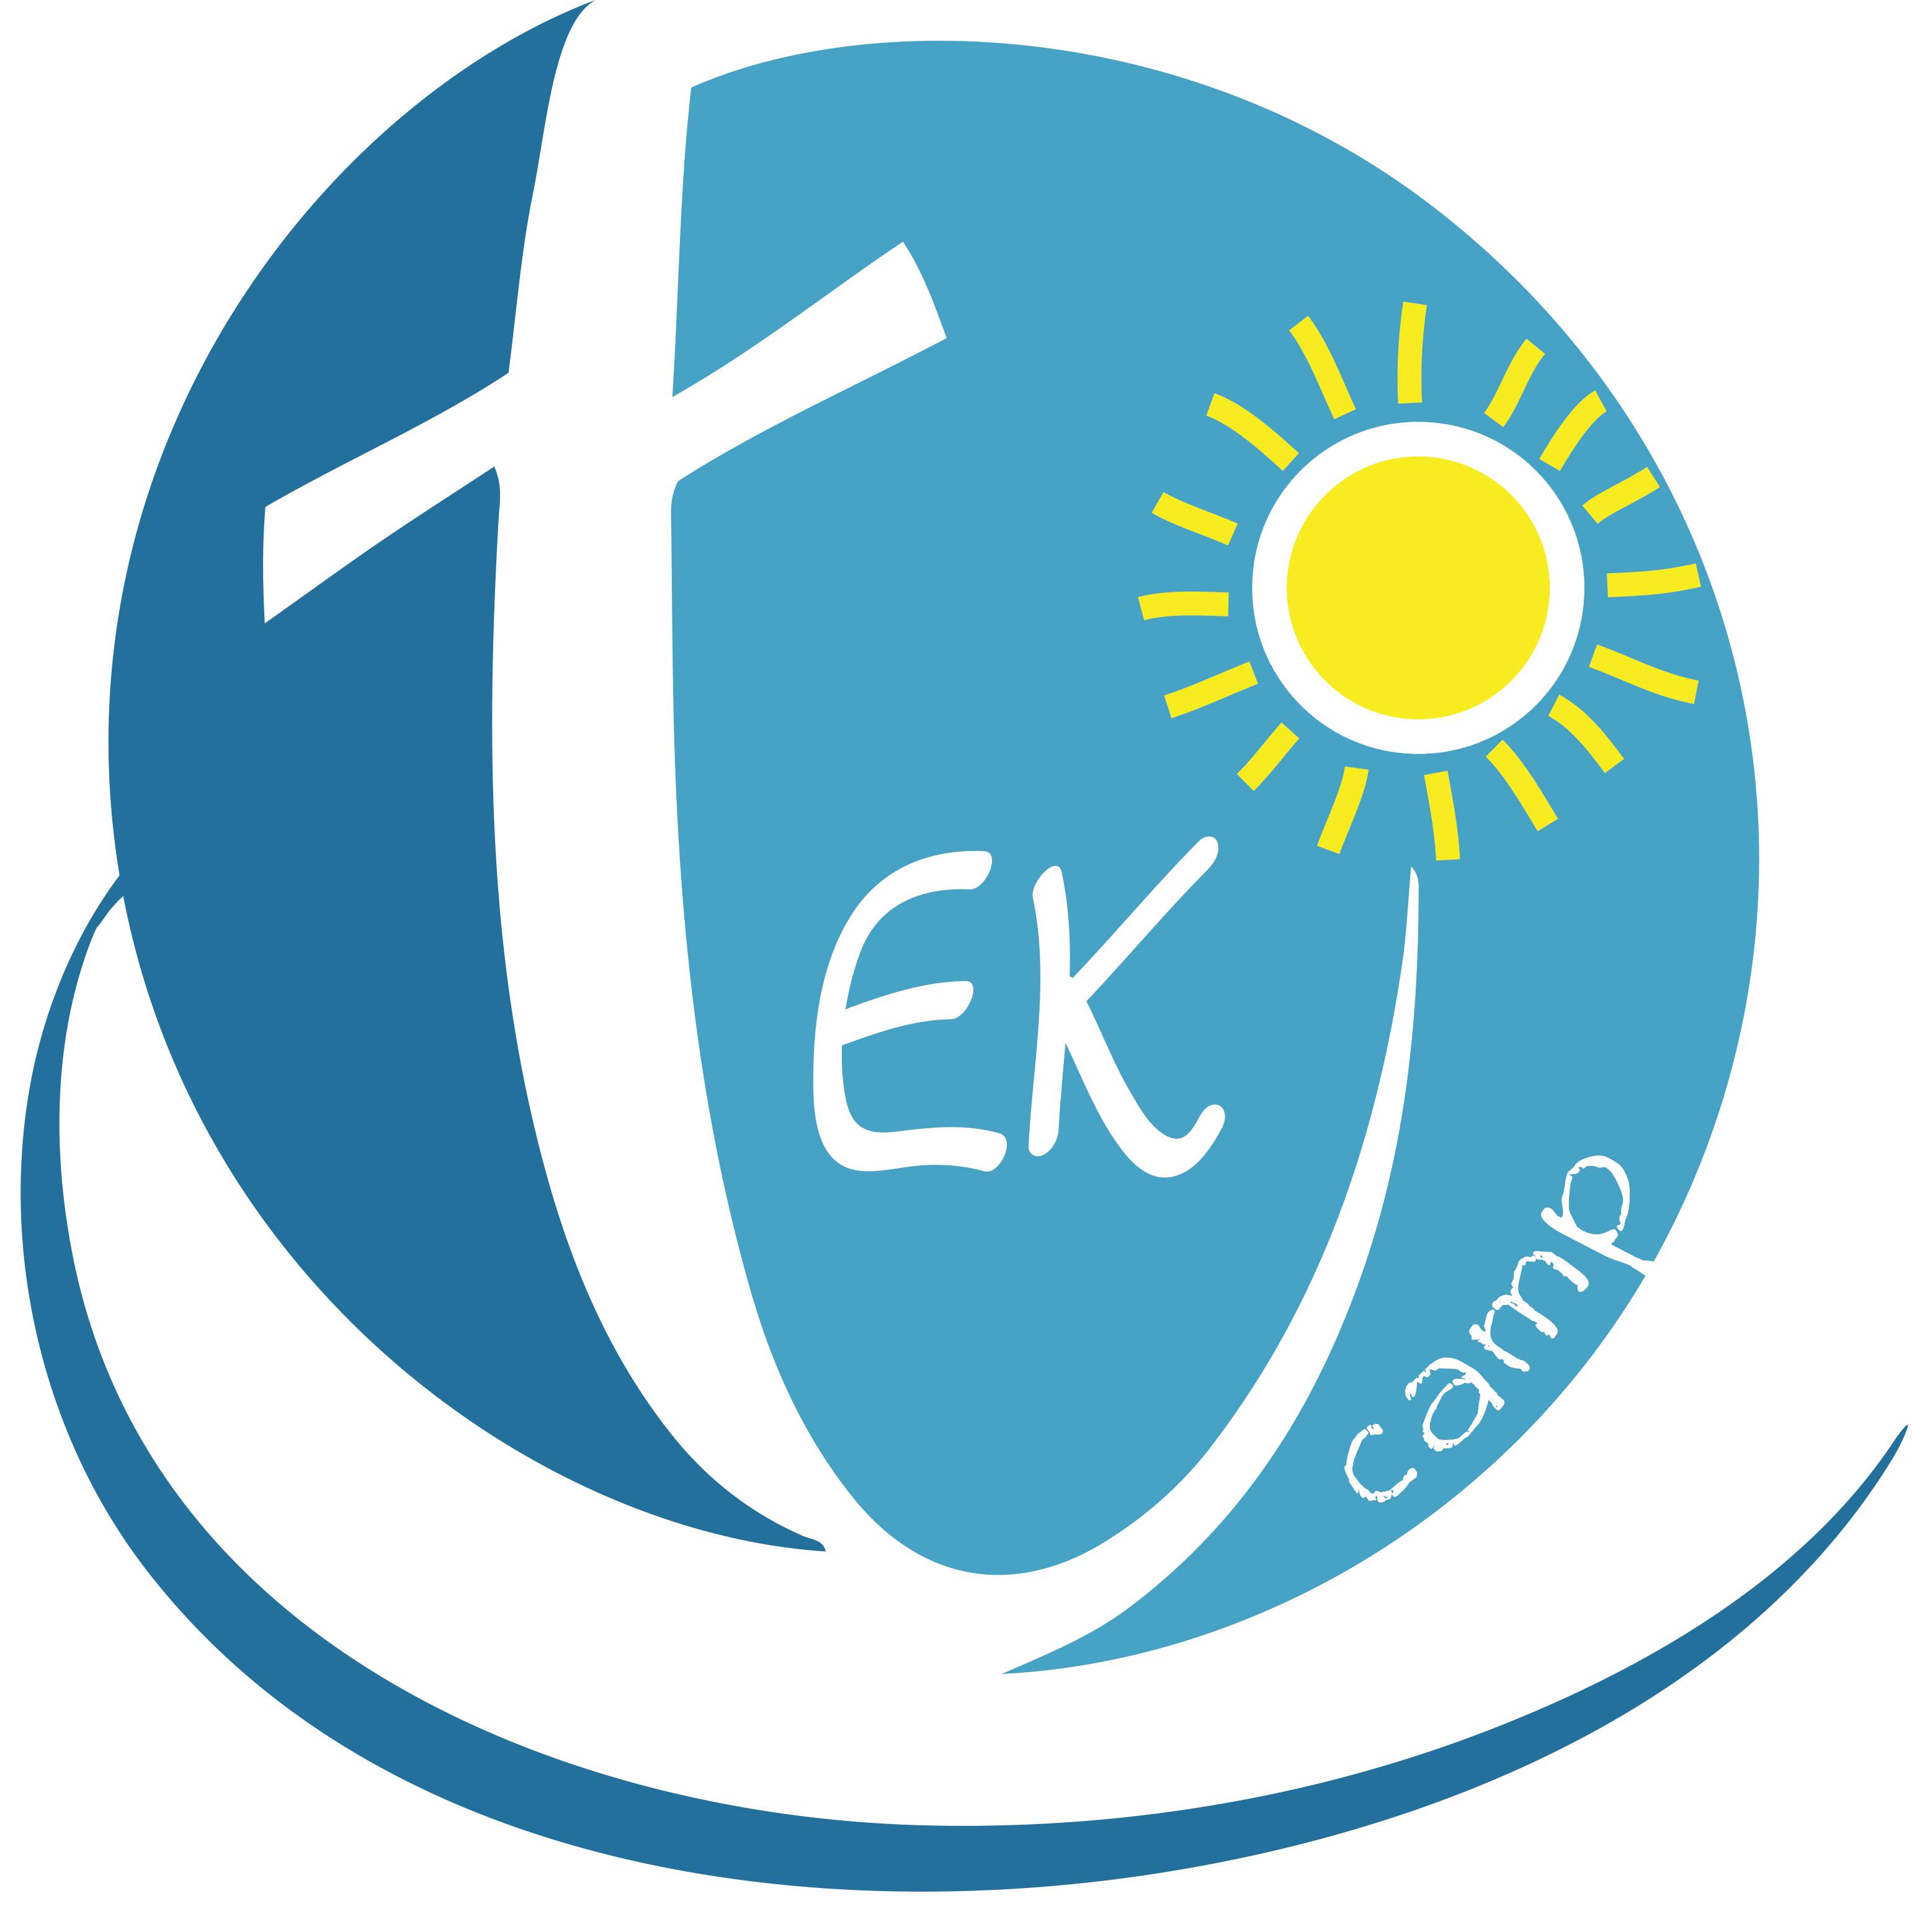 Teki LLC Camp